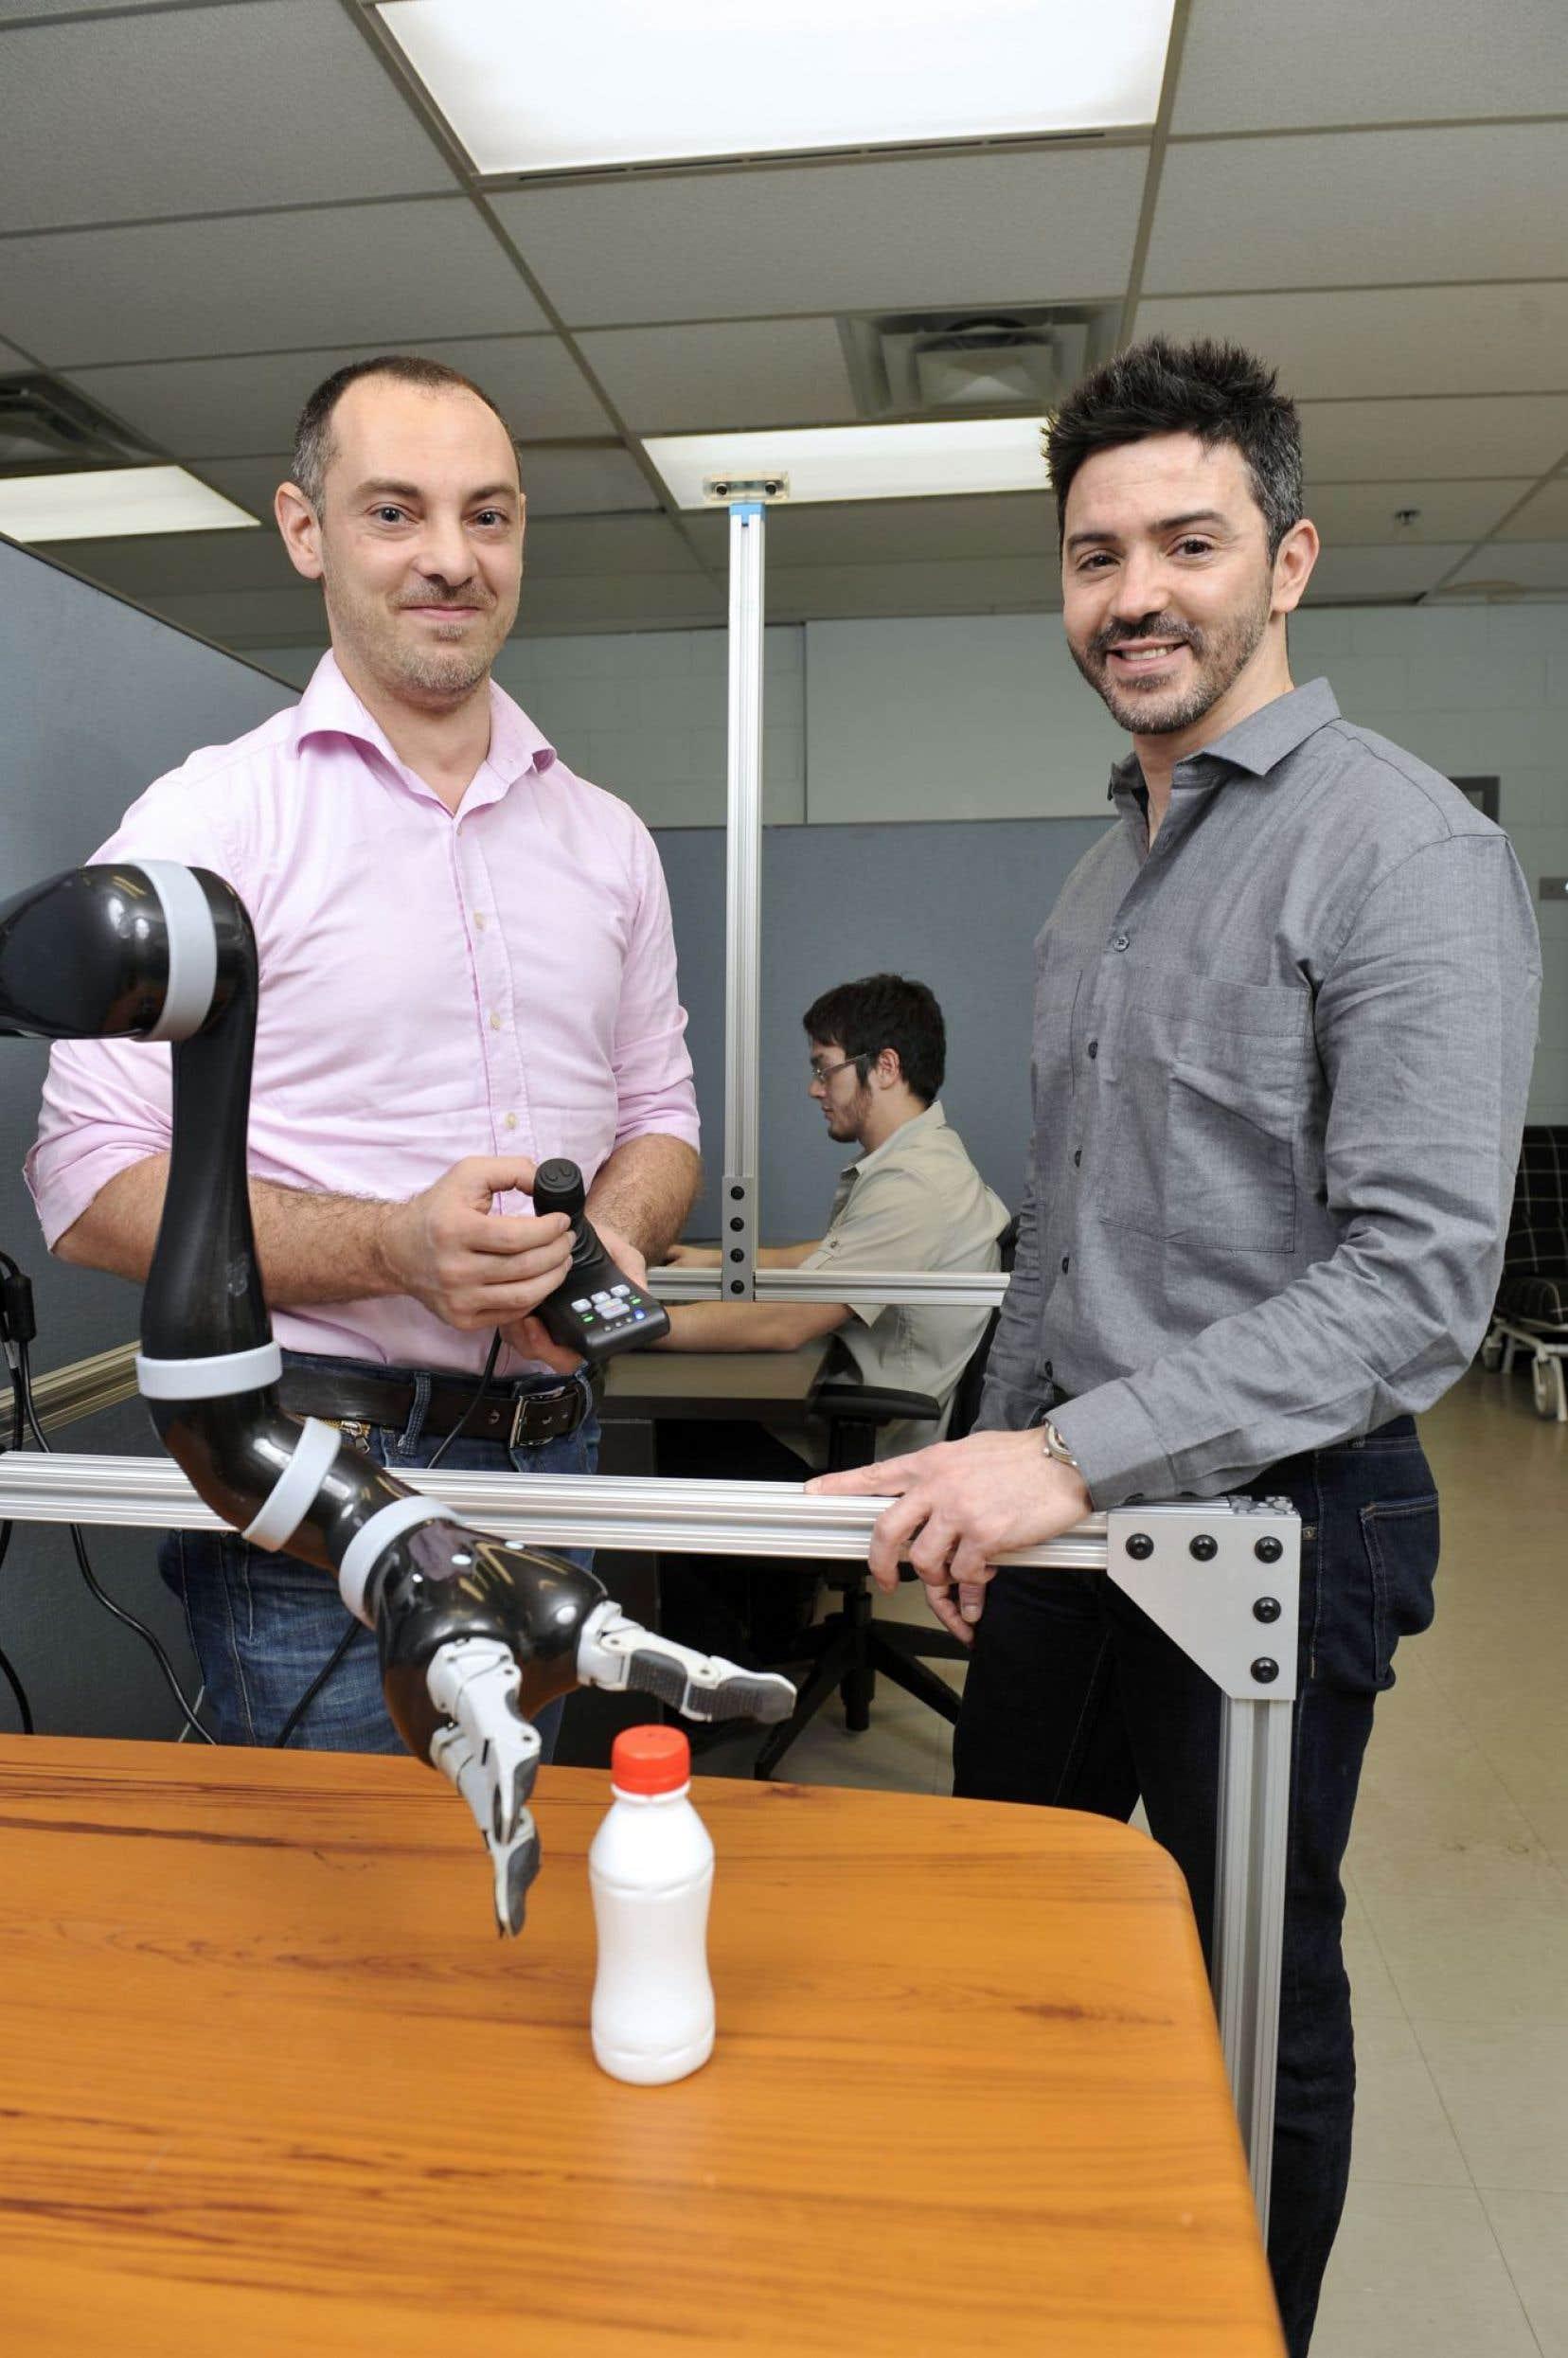 Le Pr Maxime Raison en compagnie de son collaborateur, le Pr Sofiane Achiche, derrière un bras robotique d'adaptation